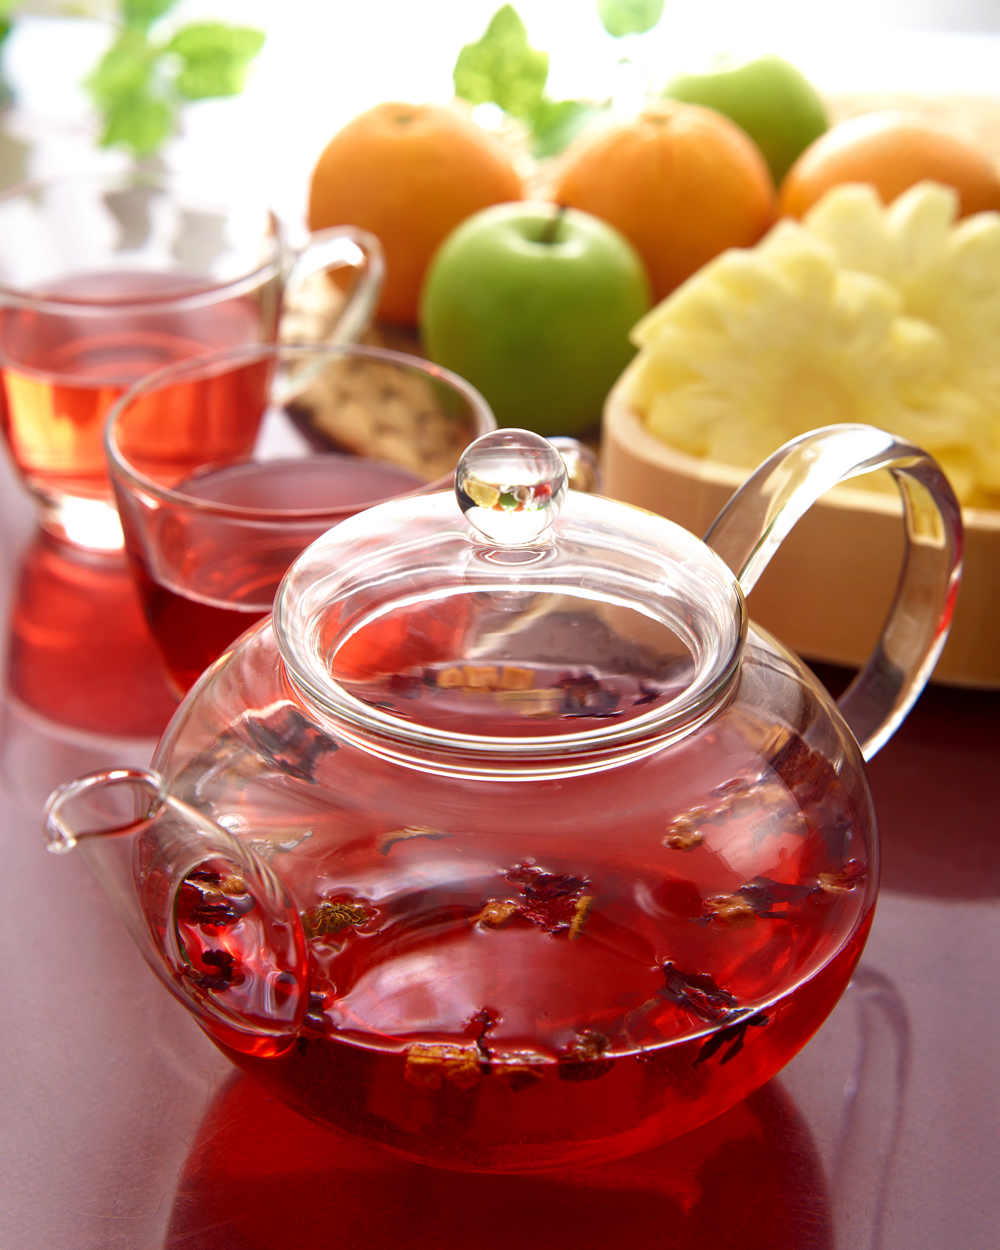 Фруктовый чай: заваривание, польза и вред, отзывы